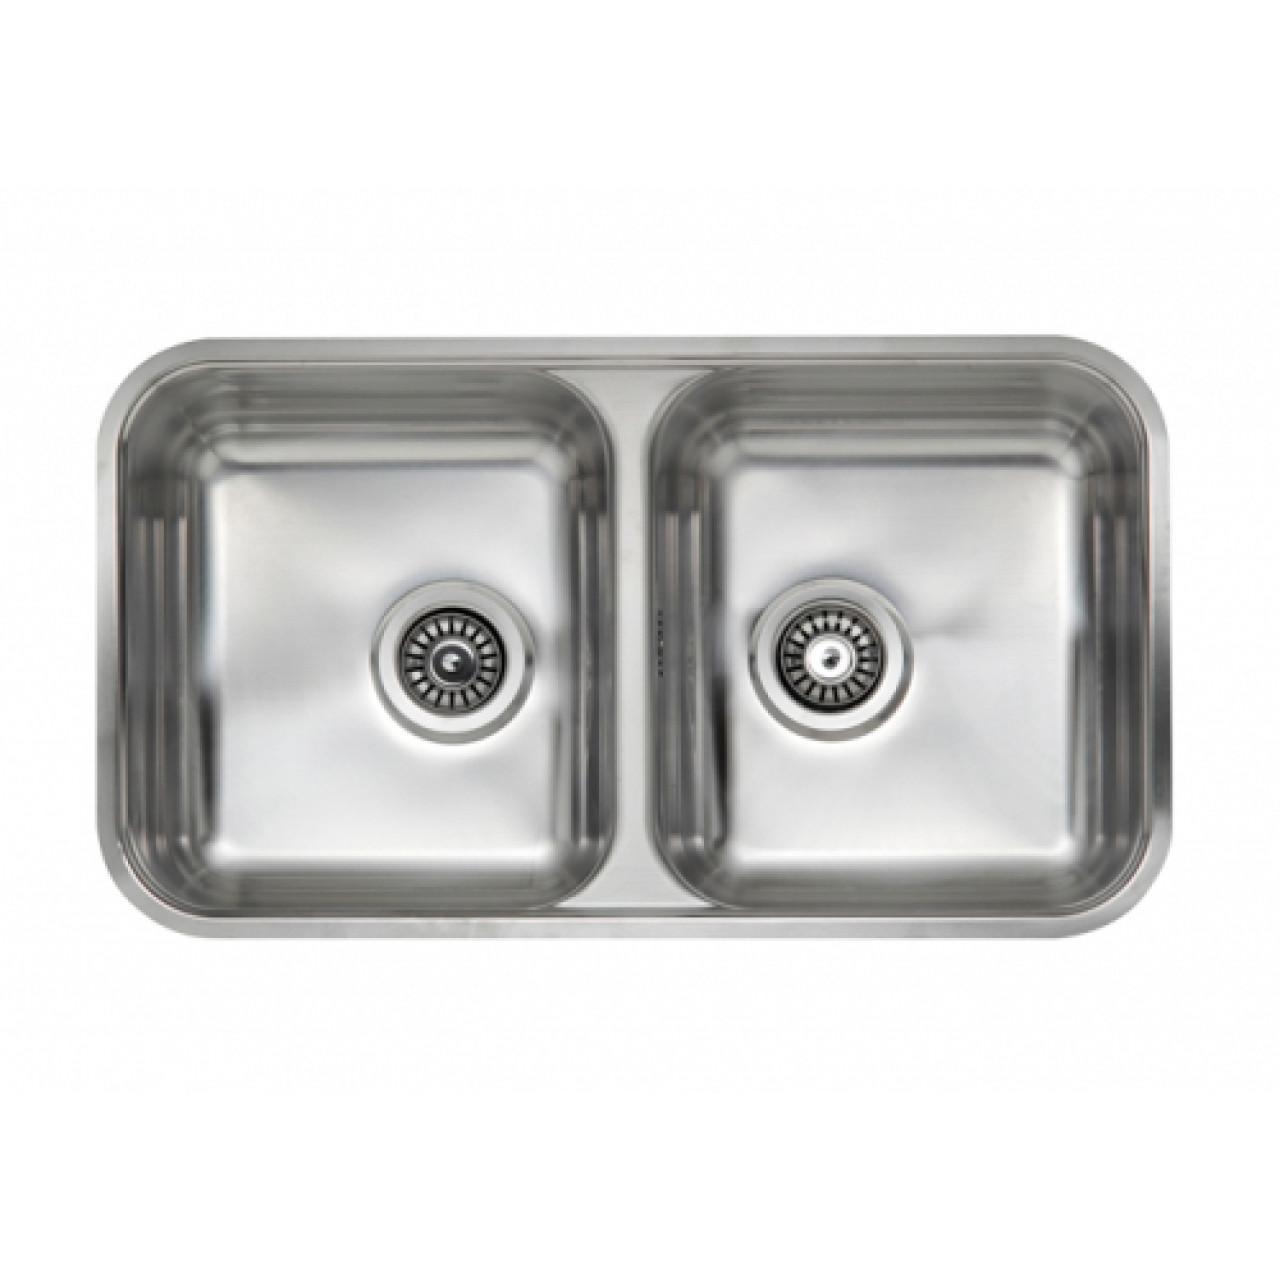 Кухонная мойка Reginox Halifax LUX 41579 купить в Москве по цене от 21000р. в интернет-магазине mebel-v-vannu.ru